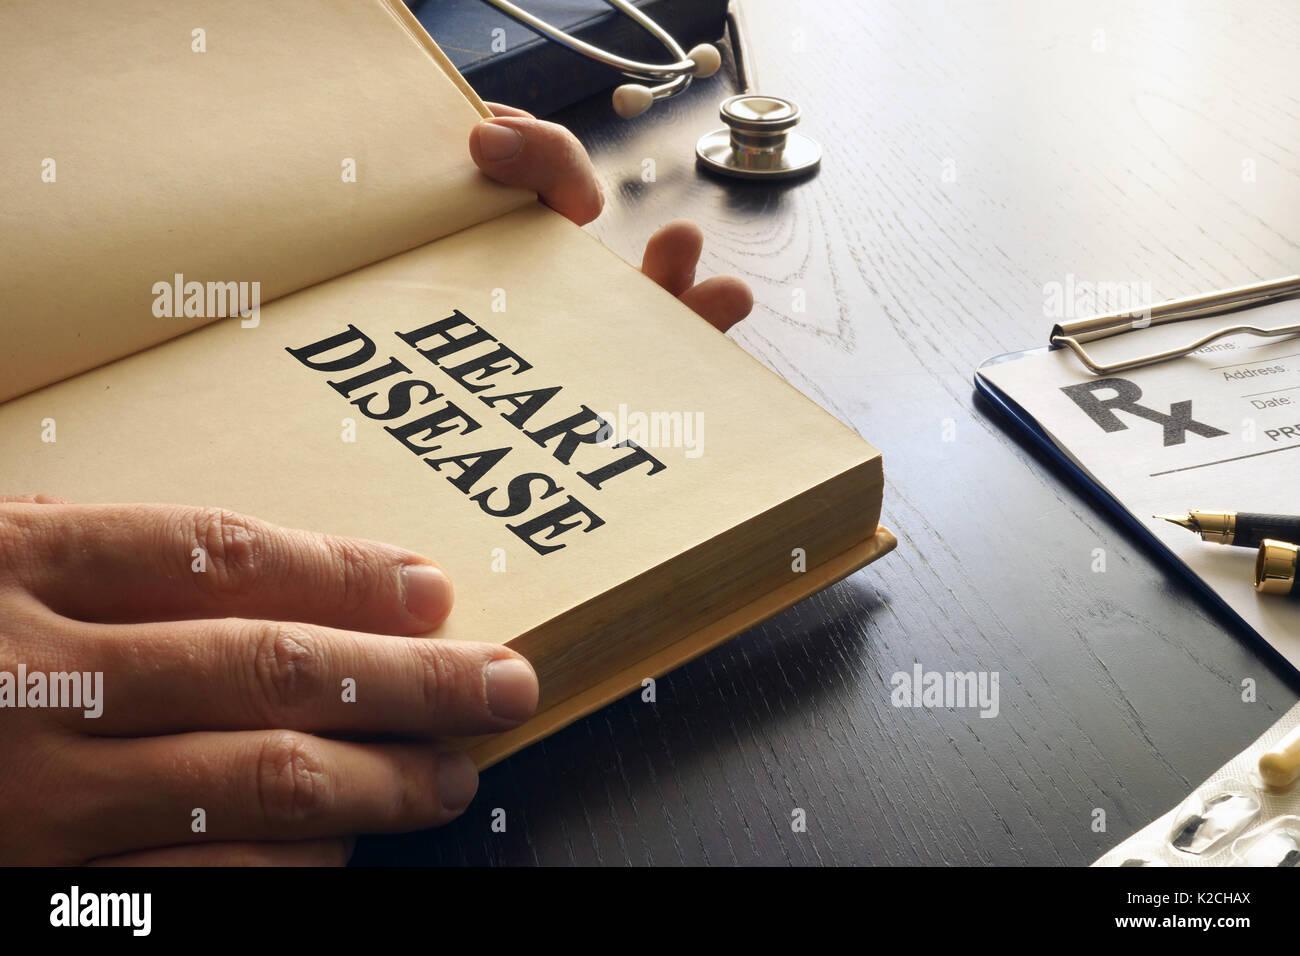 Heart disease written in a book. - Stock Image